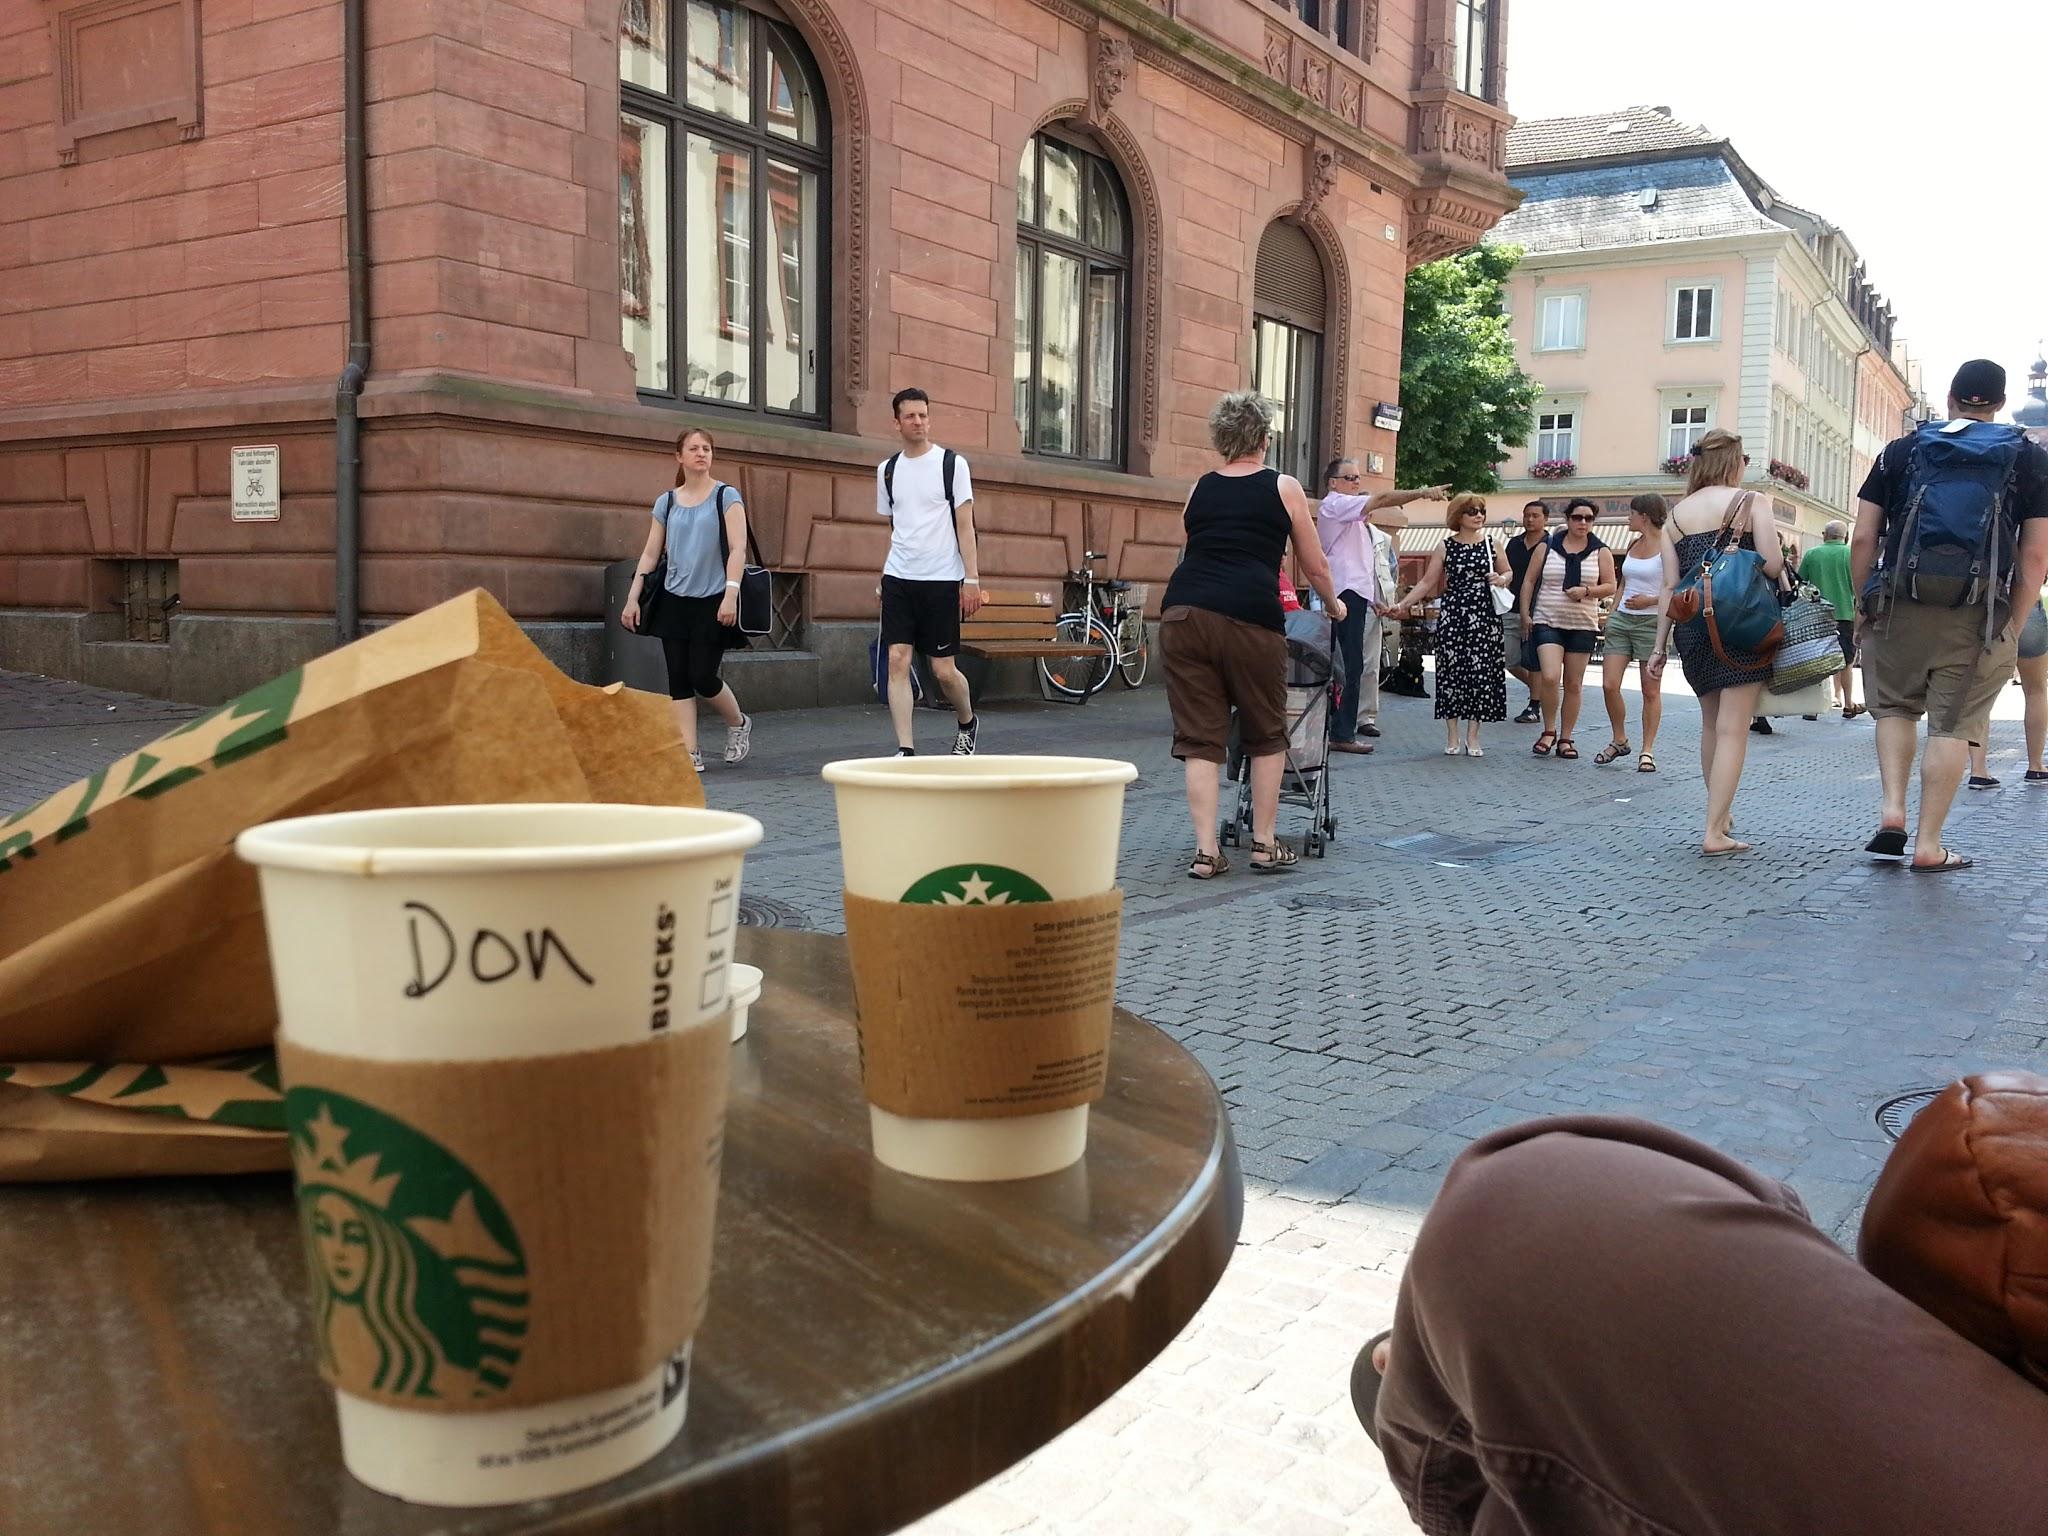 Street scene in Heidelberg